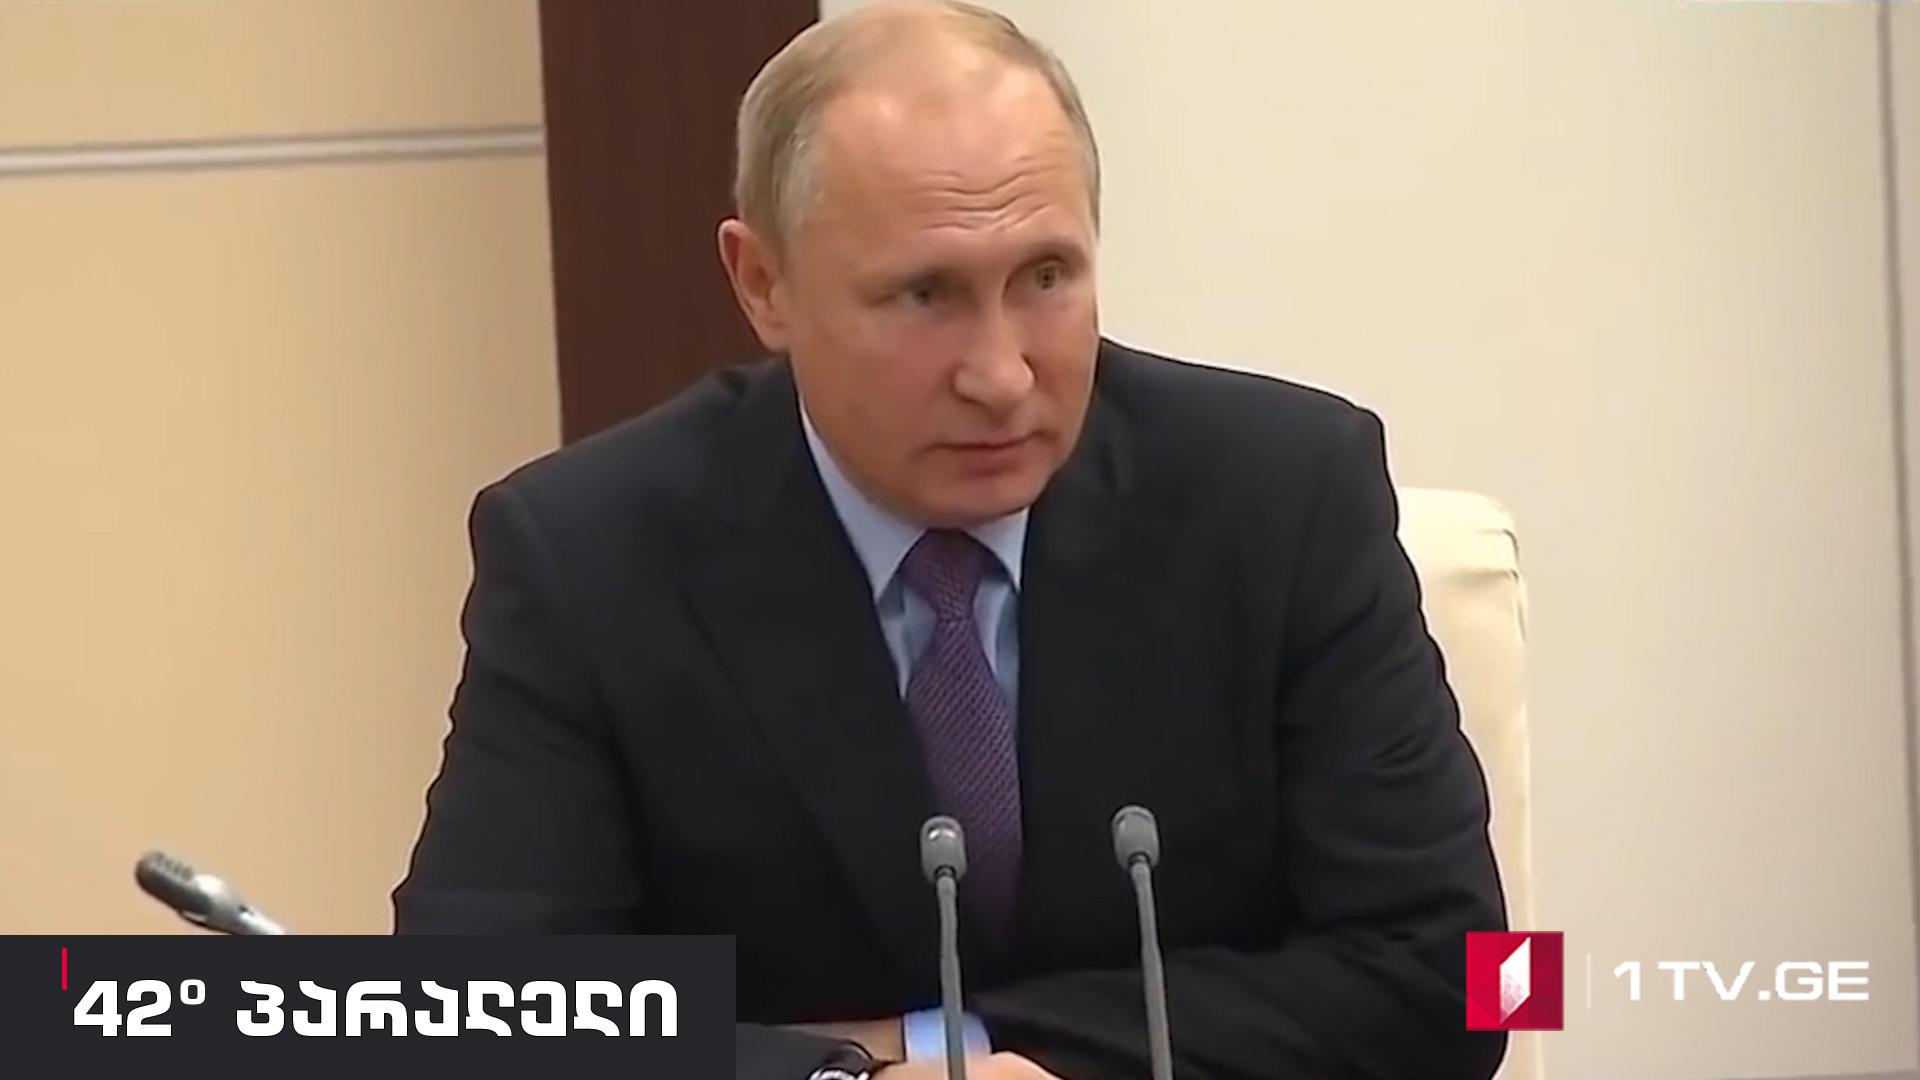 42° პარალელი - 2018 წლის გუბერნატორის არჩევნები რუსეთში, ანუ როგორ შეწყვიტა რეჟიმმა პუტინისტურად არსებობა